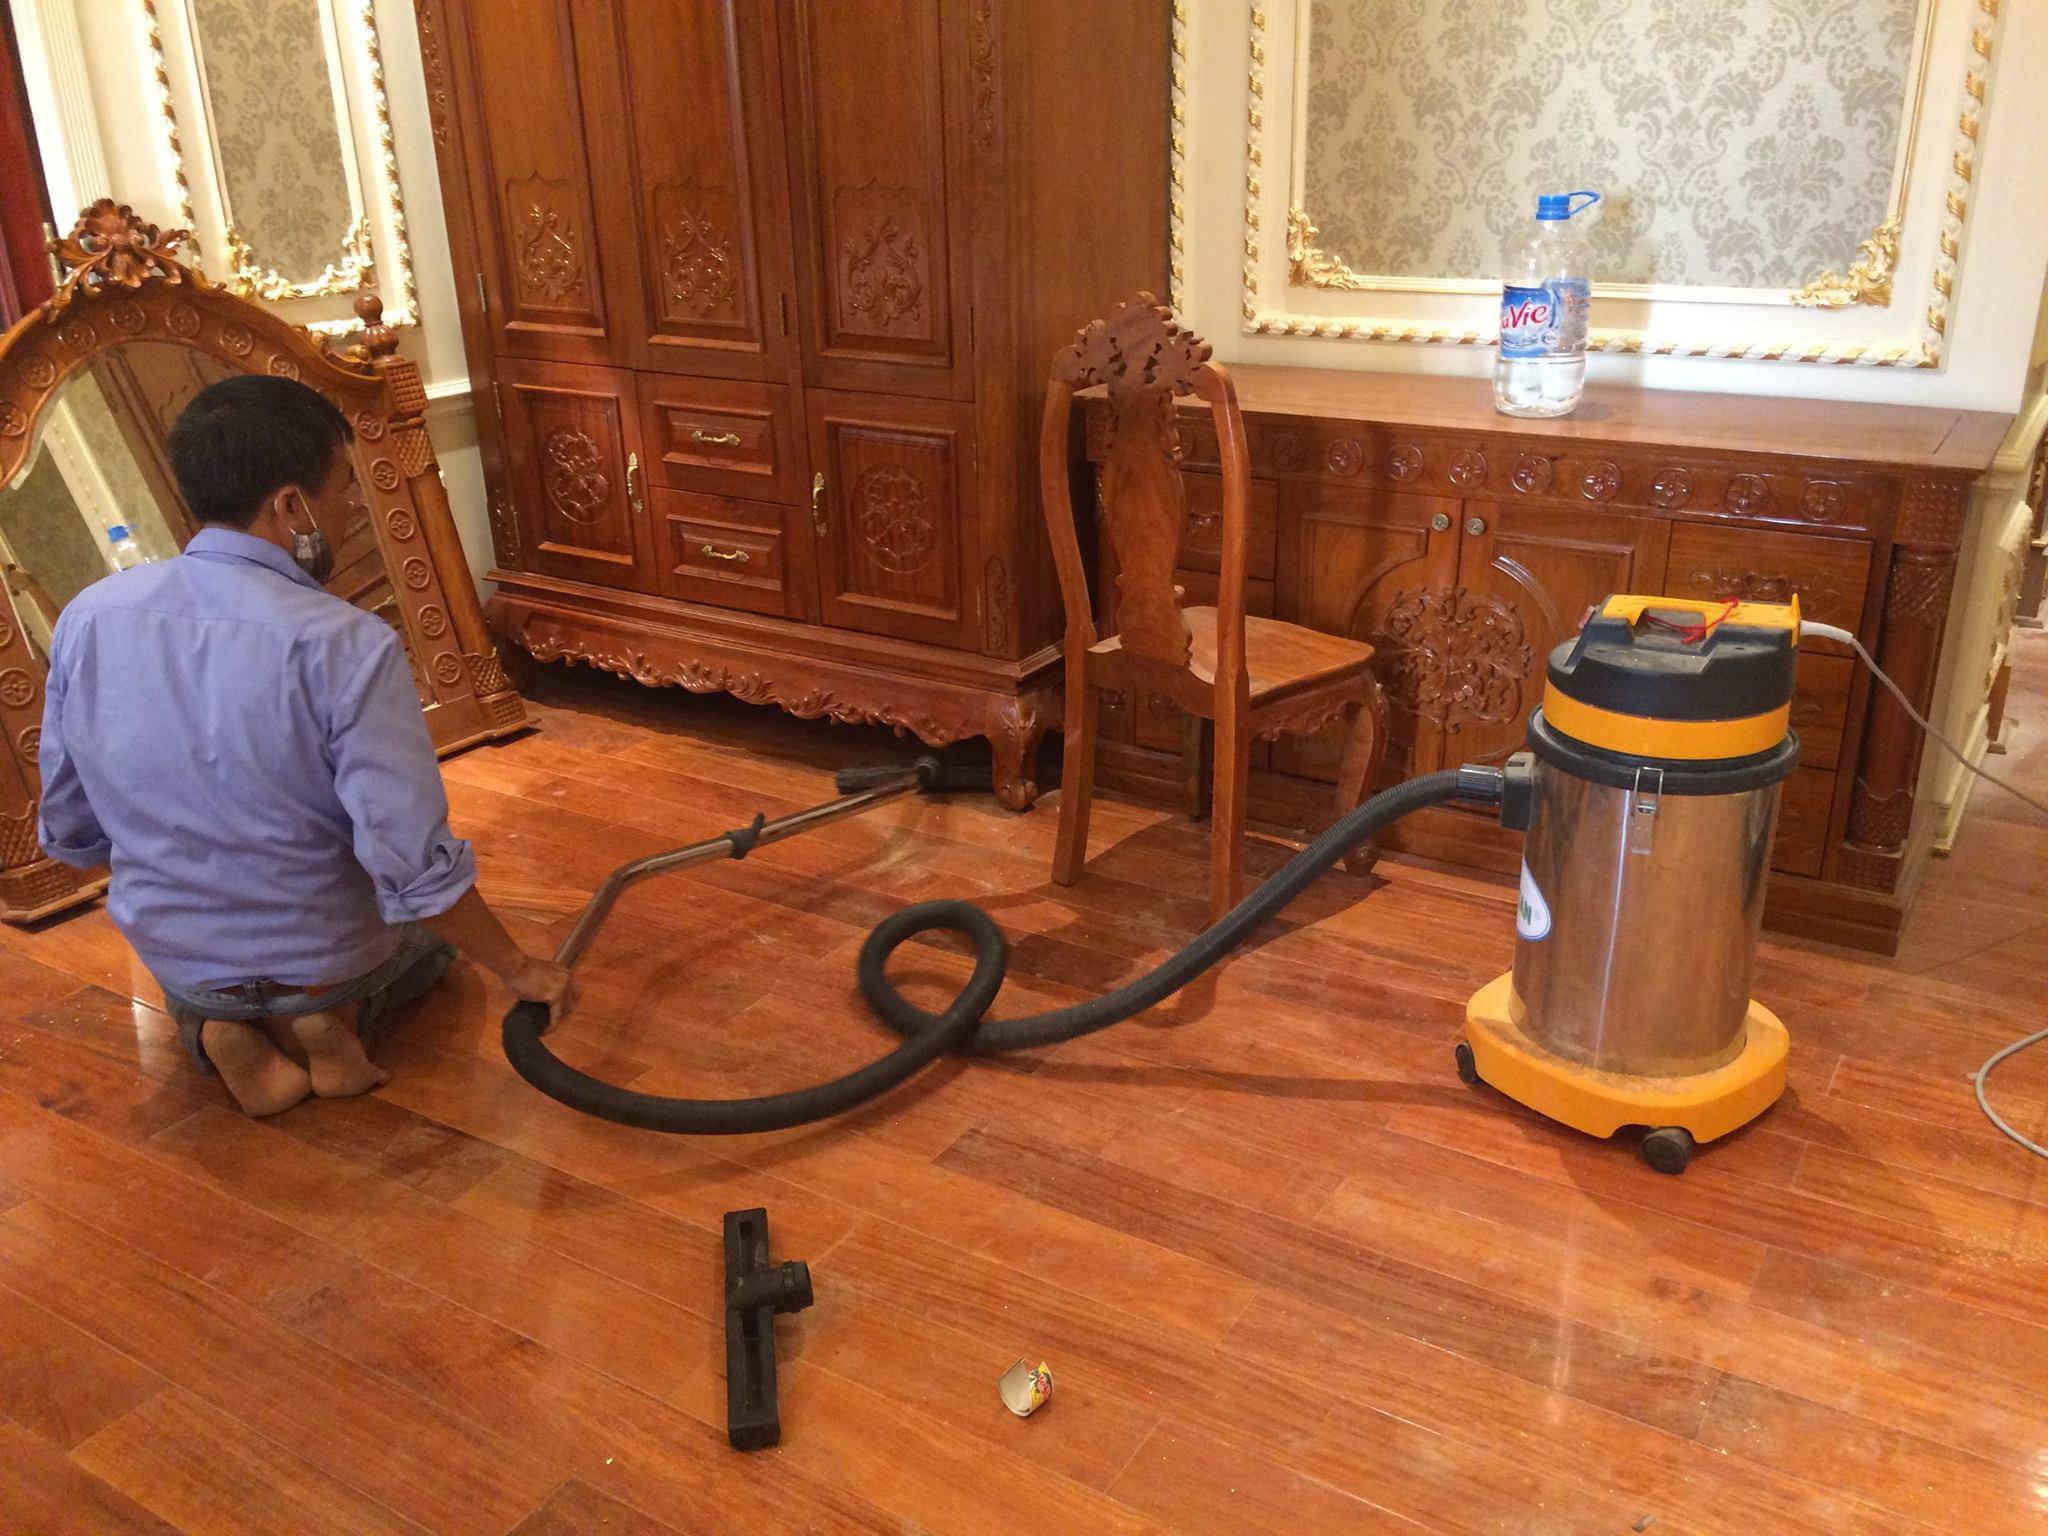 dịch vụ lau dọn văn phòng giá rẻ tại Hà Nội